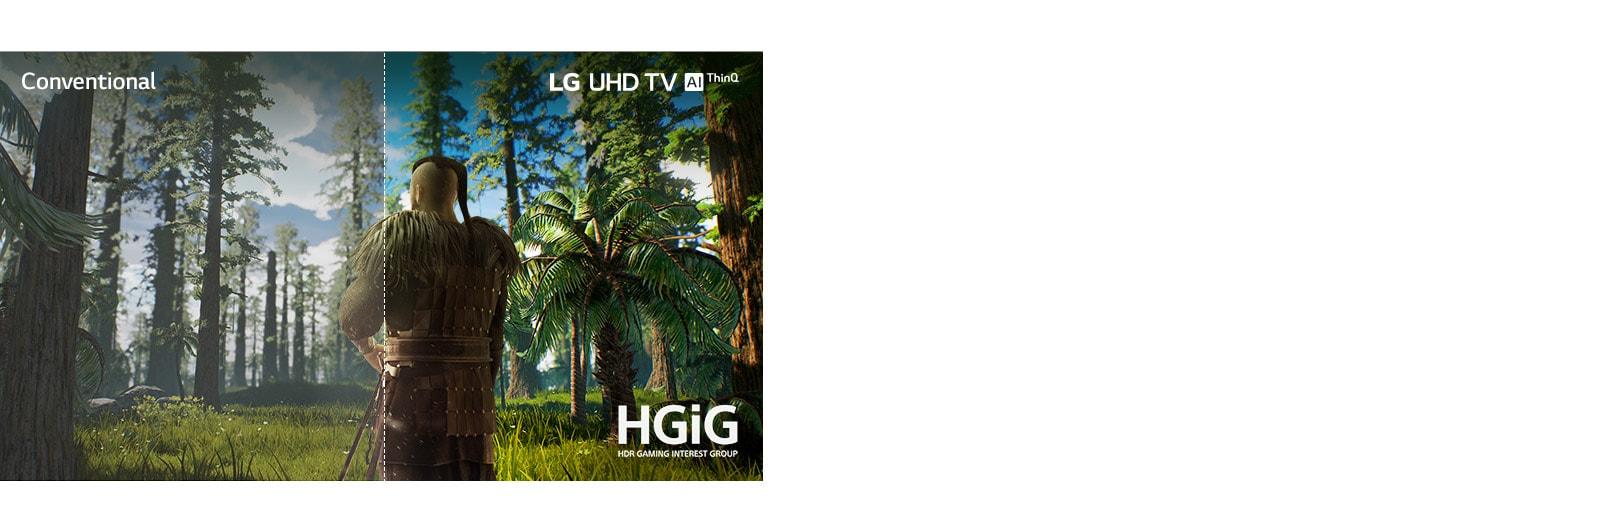 Schermo del TV che mostra una scena del gioco con un uomo in mezzo alla foresta. Metà viene mostrata su uno schermo convenzionale con una bassa qualità delle immagini. L'altra metà viene mostrata sul TV LG UHD con una qualità delle immagini nitida e vivida.